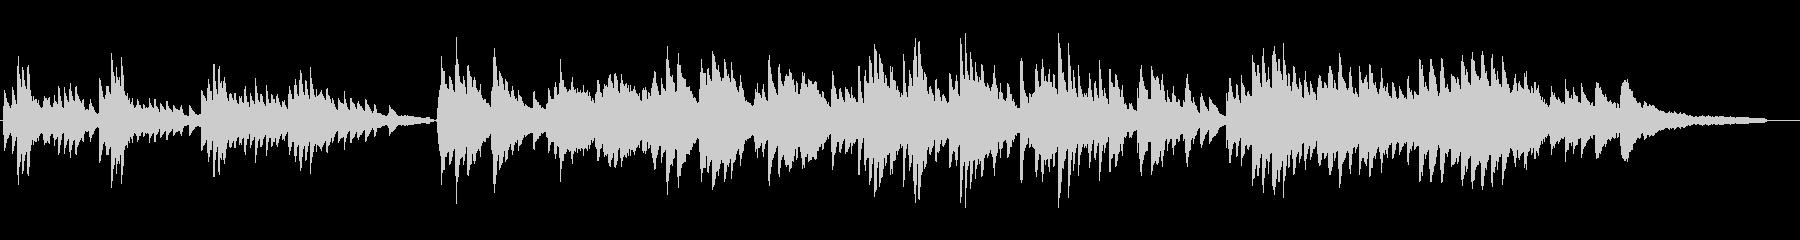 歓喜の歌ベートベン第九アレンジピアノソロの未再生の波形